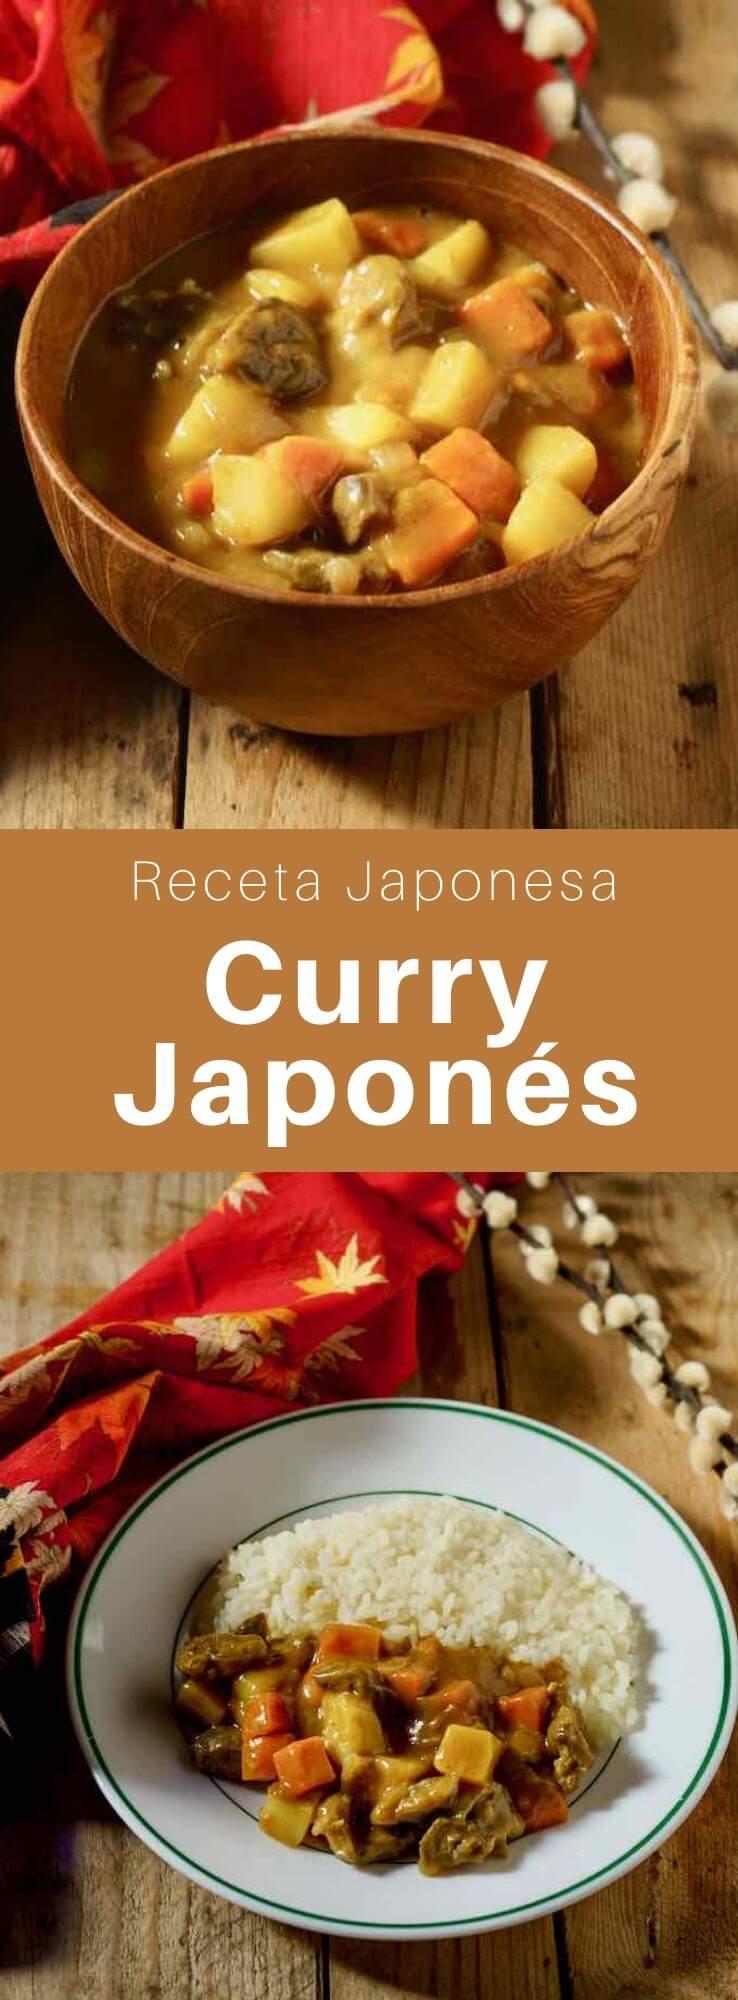 El curry japonés (カレ), a veces llamado karī, es uno de los platos más populares en Japón y consiste en verduras al curry, carne y arroz.